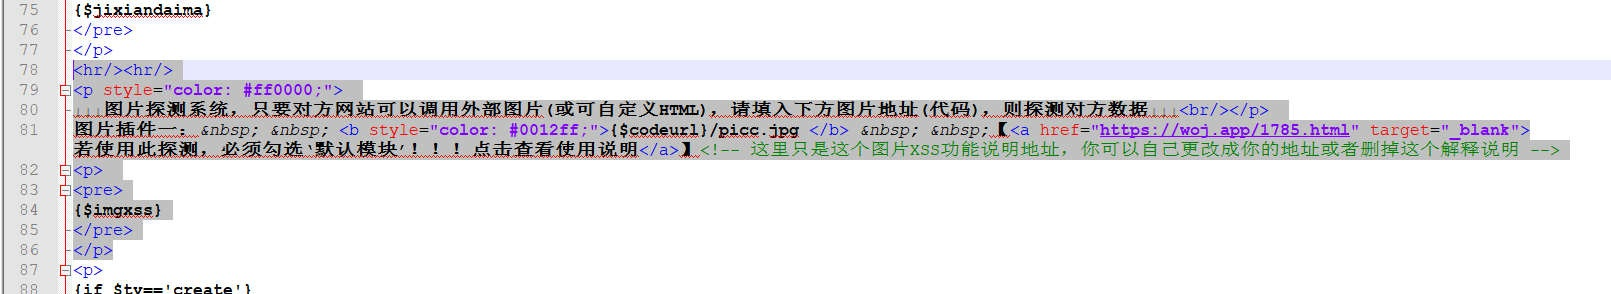 图片XSS展示代码